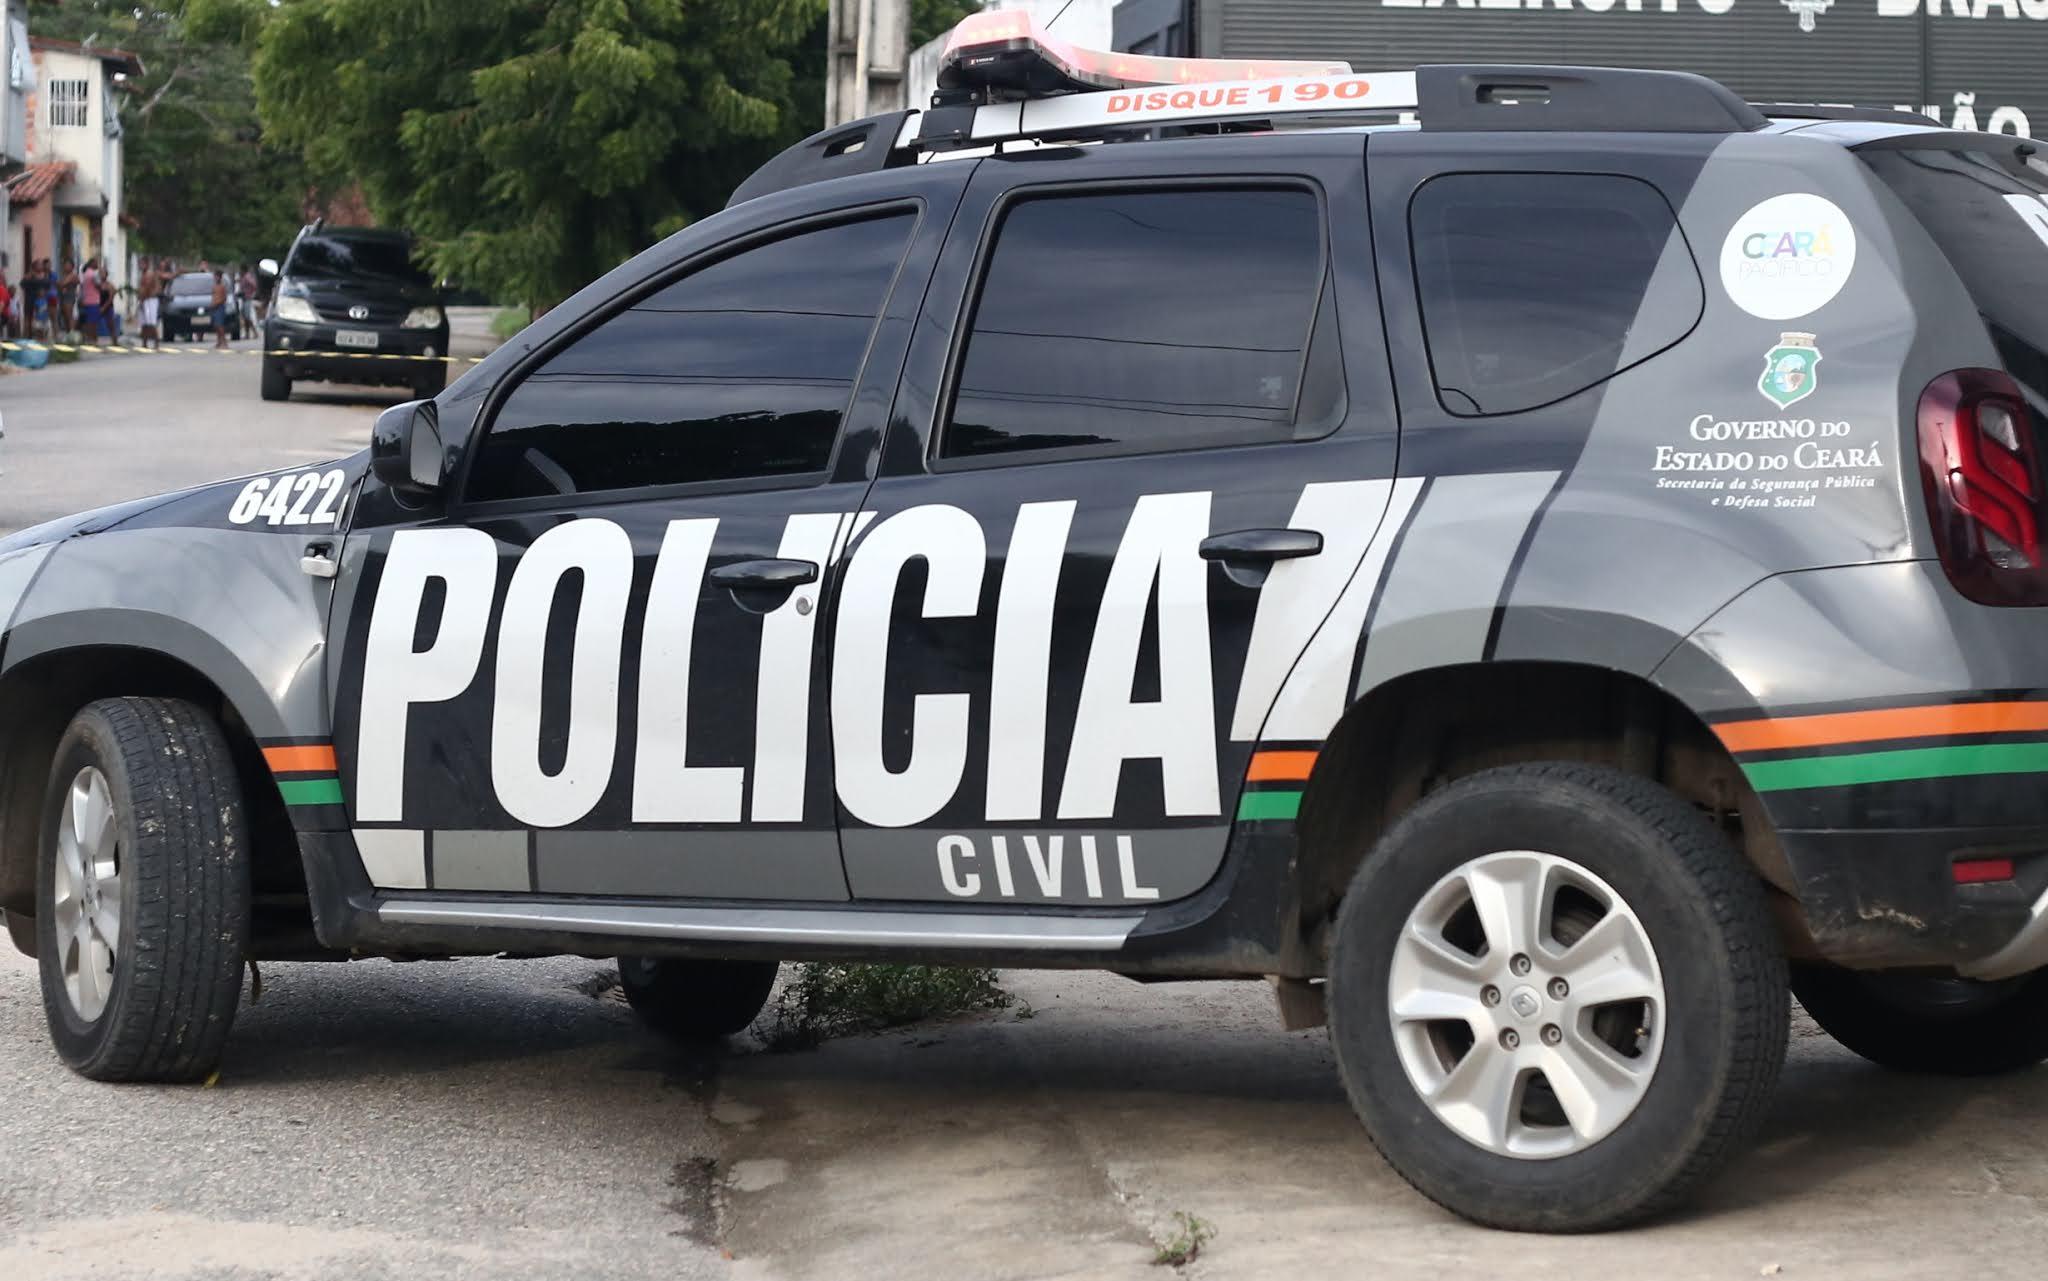 Mãe condenada por envolvimento em estupro de vulnerável contra a própria filha é presa em Lavras da Mangabeira